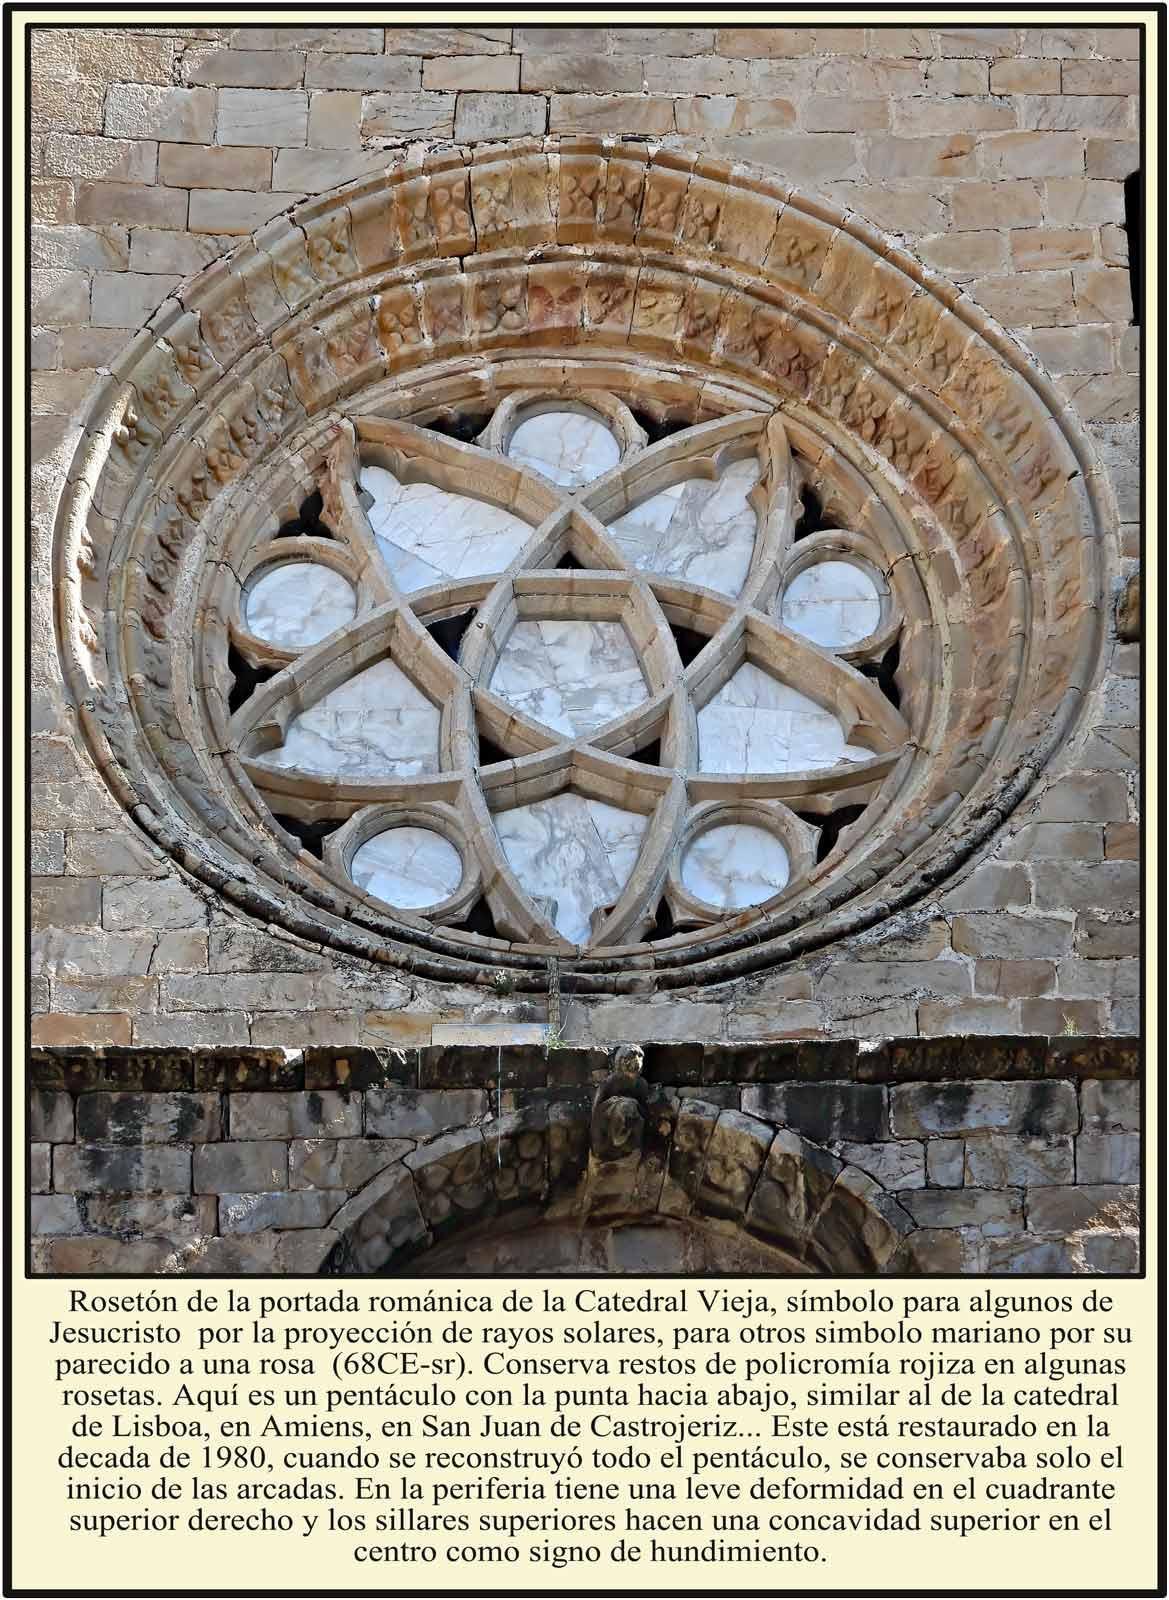 Roseton en la portada de la Catedral Vieja de Plasencia con un pentaculo de vertice hacia abajo